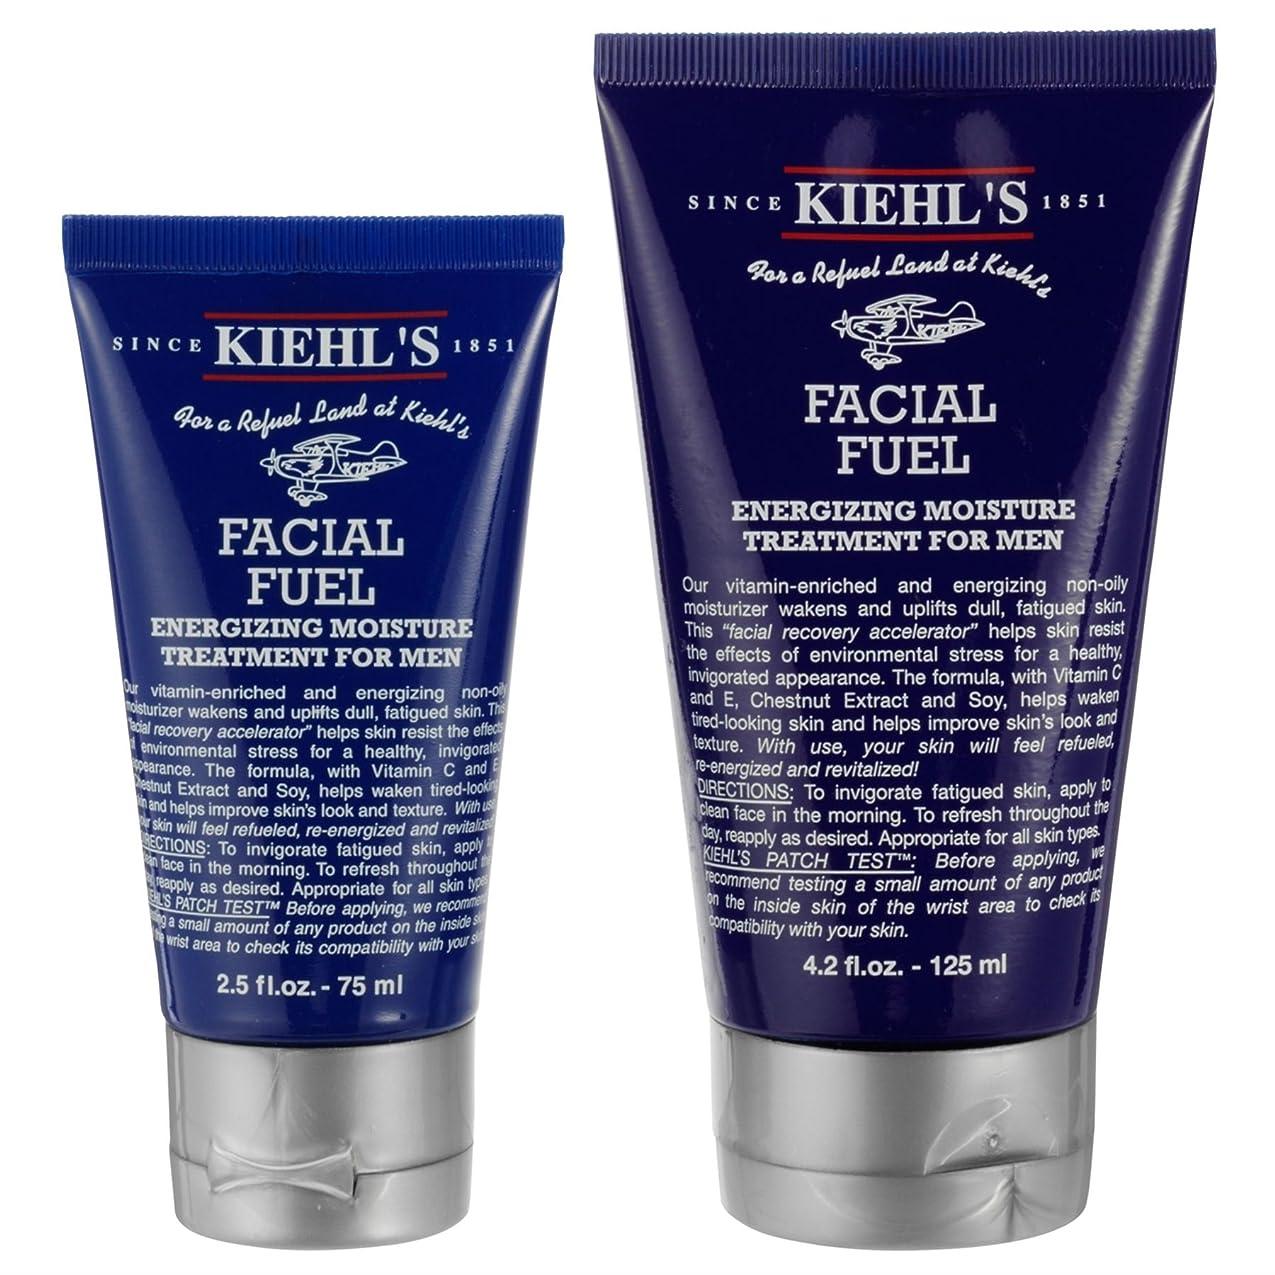 偽造寝る超音速[Kiehl's ] Kiehls究極の男の顔燃料125ミリリットル - Kiehls Ultimate Man Facial Fuel 125ml [並行輸入品]